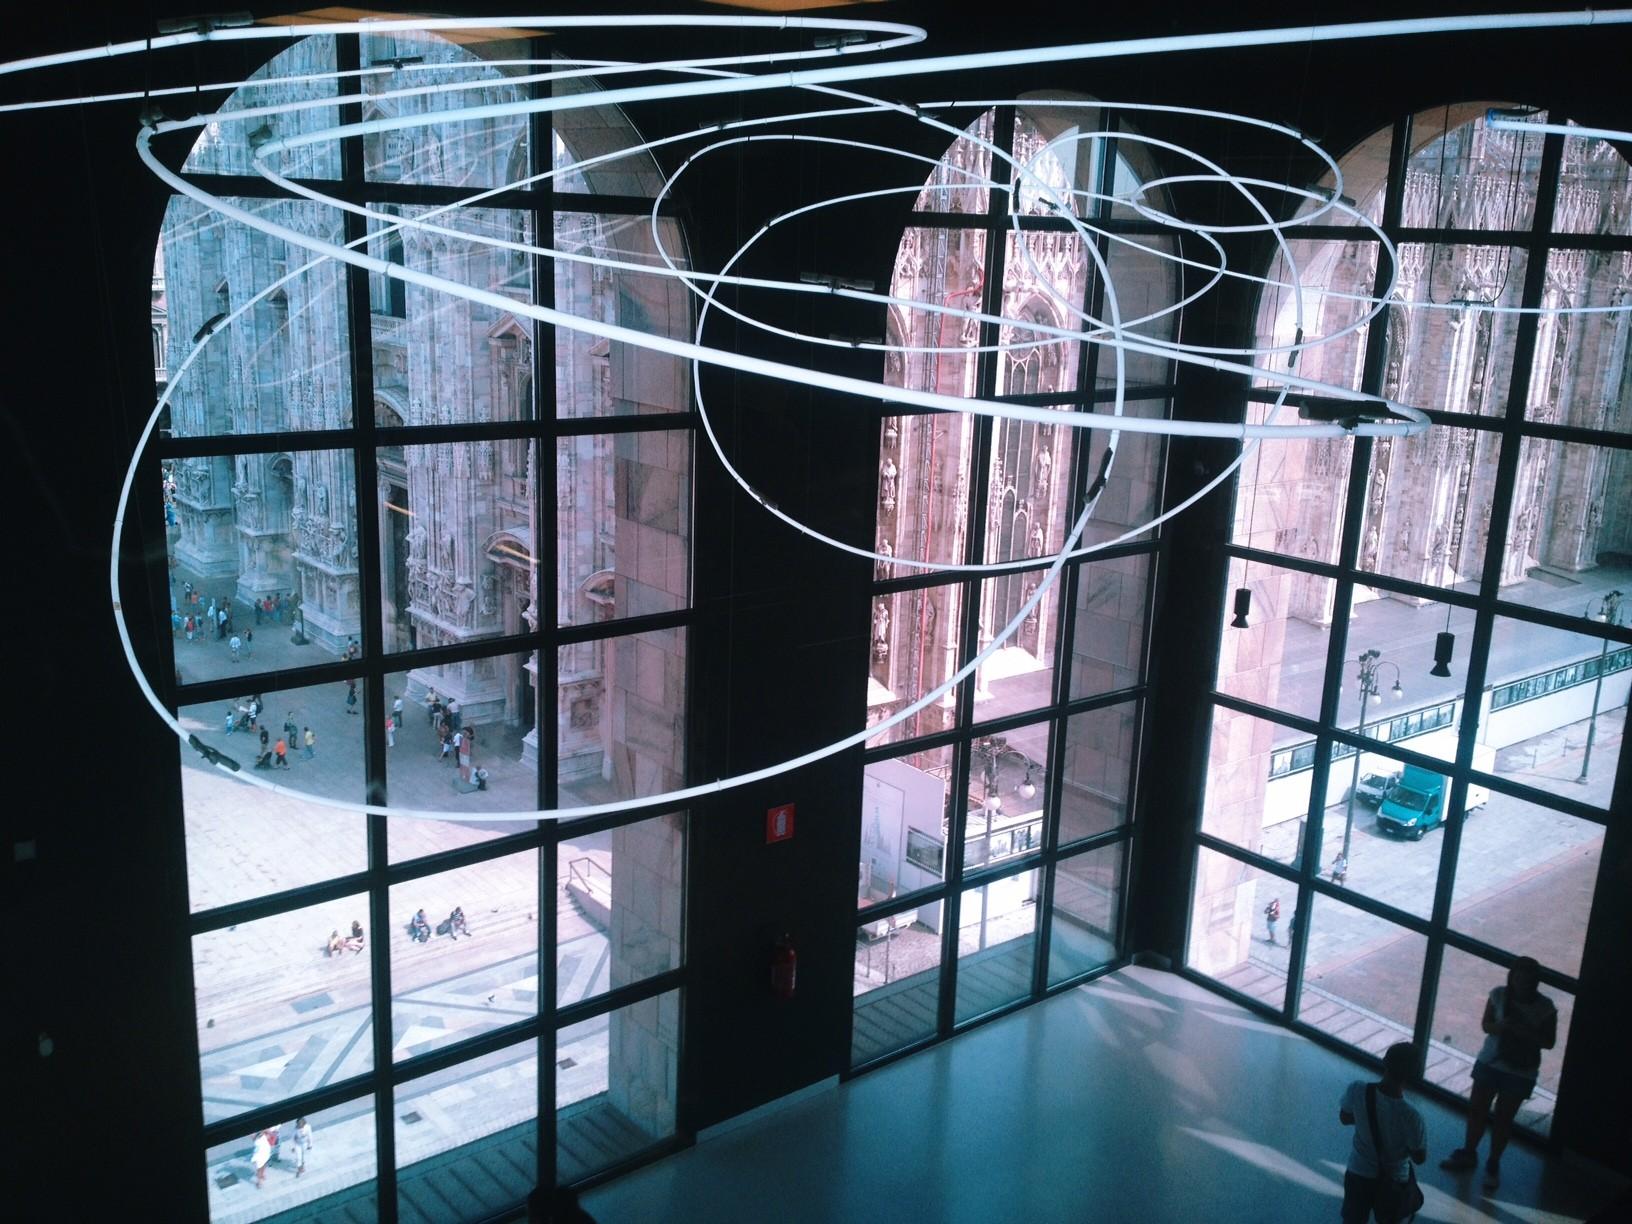 museus em milão museo del 900